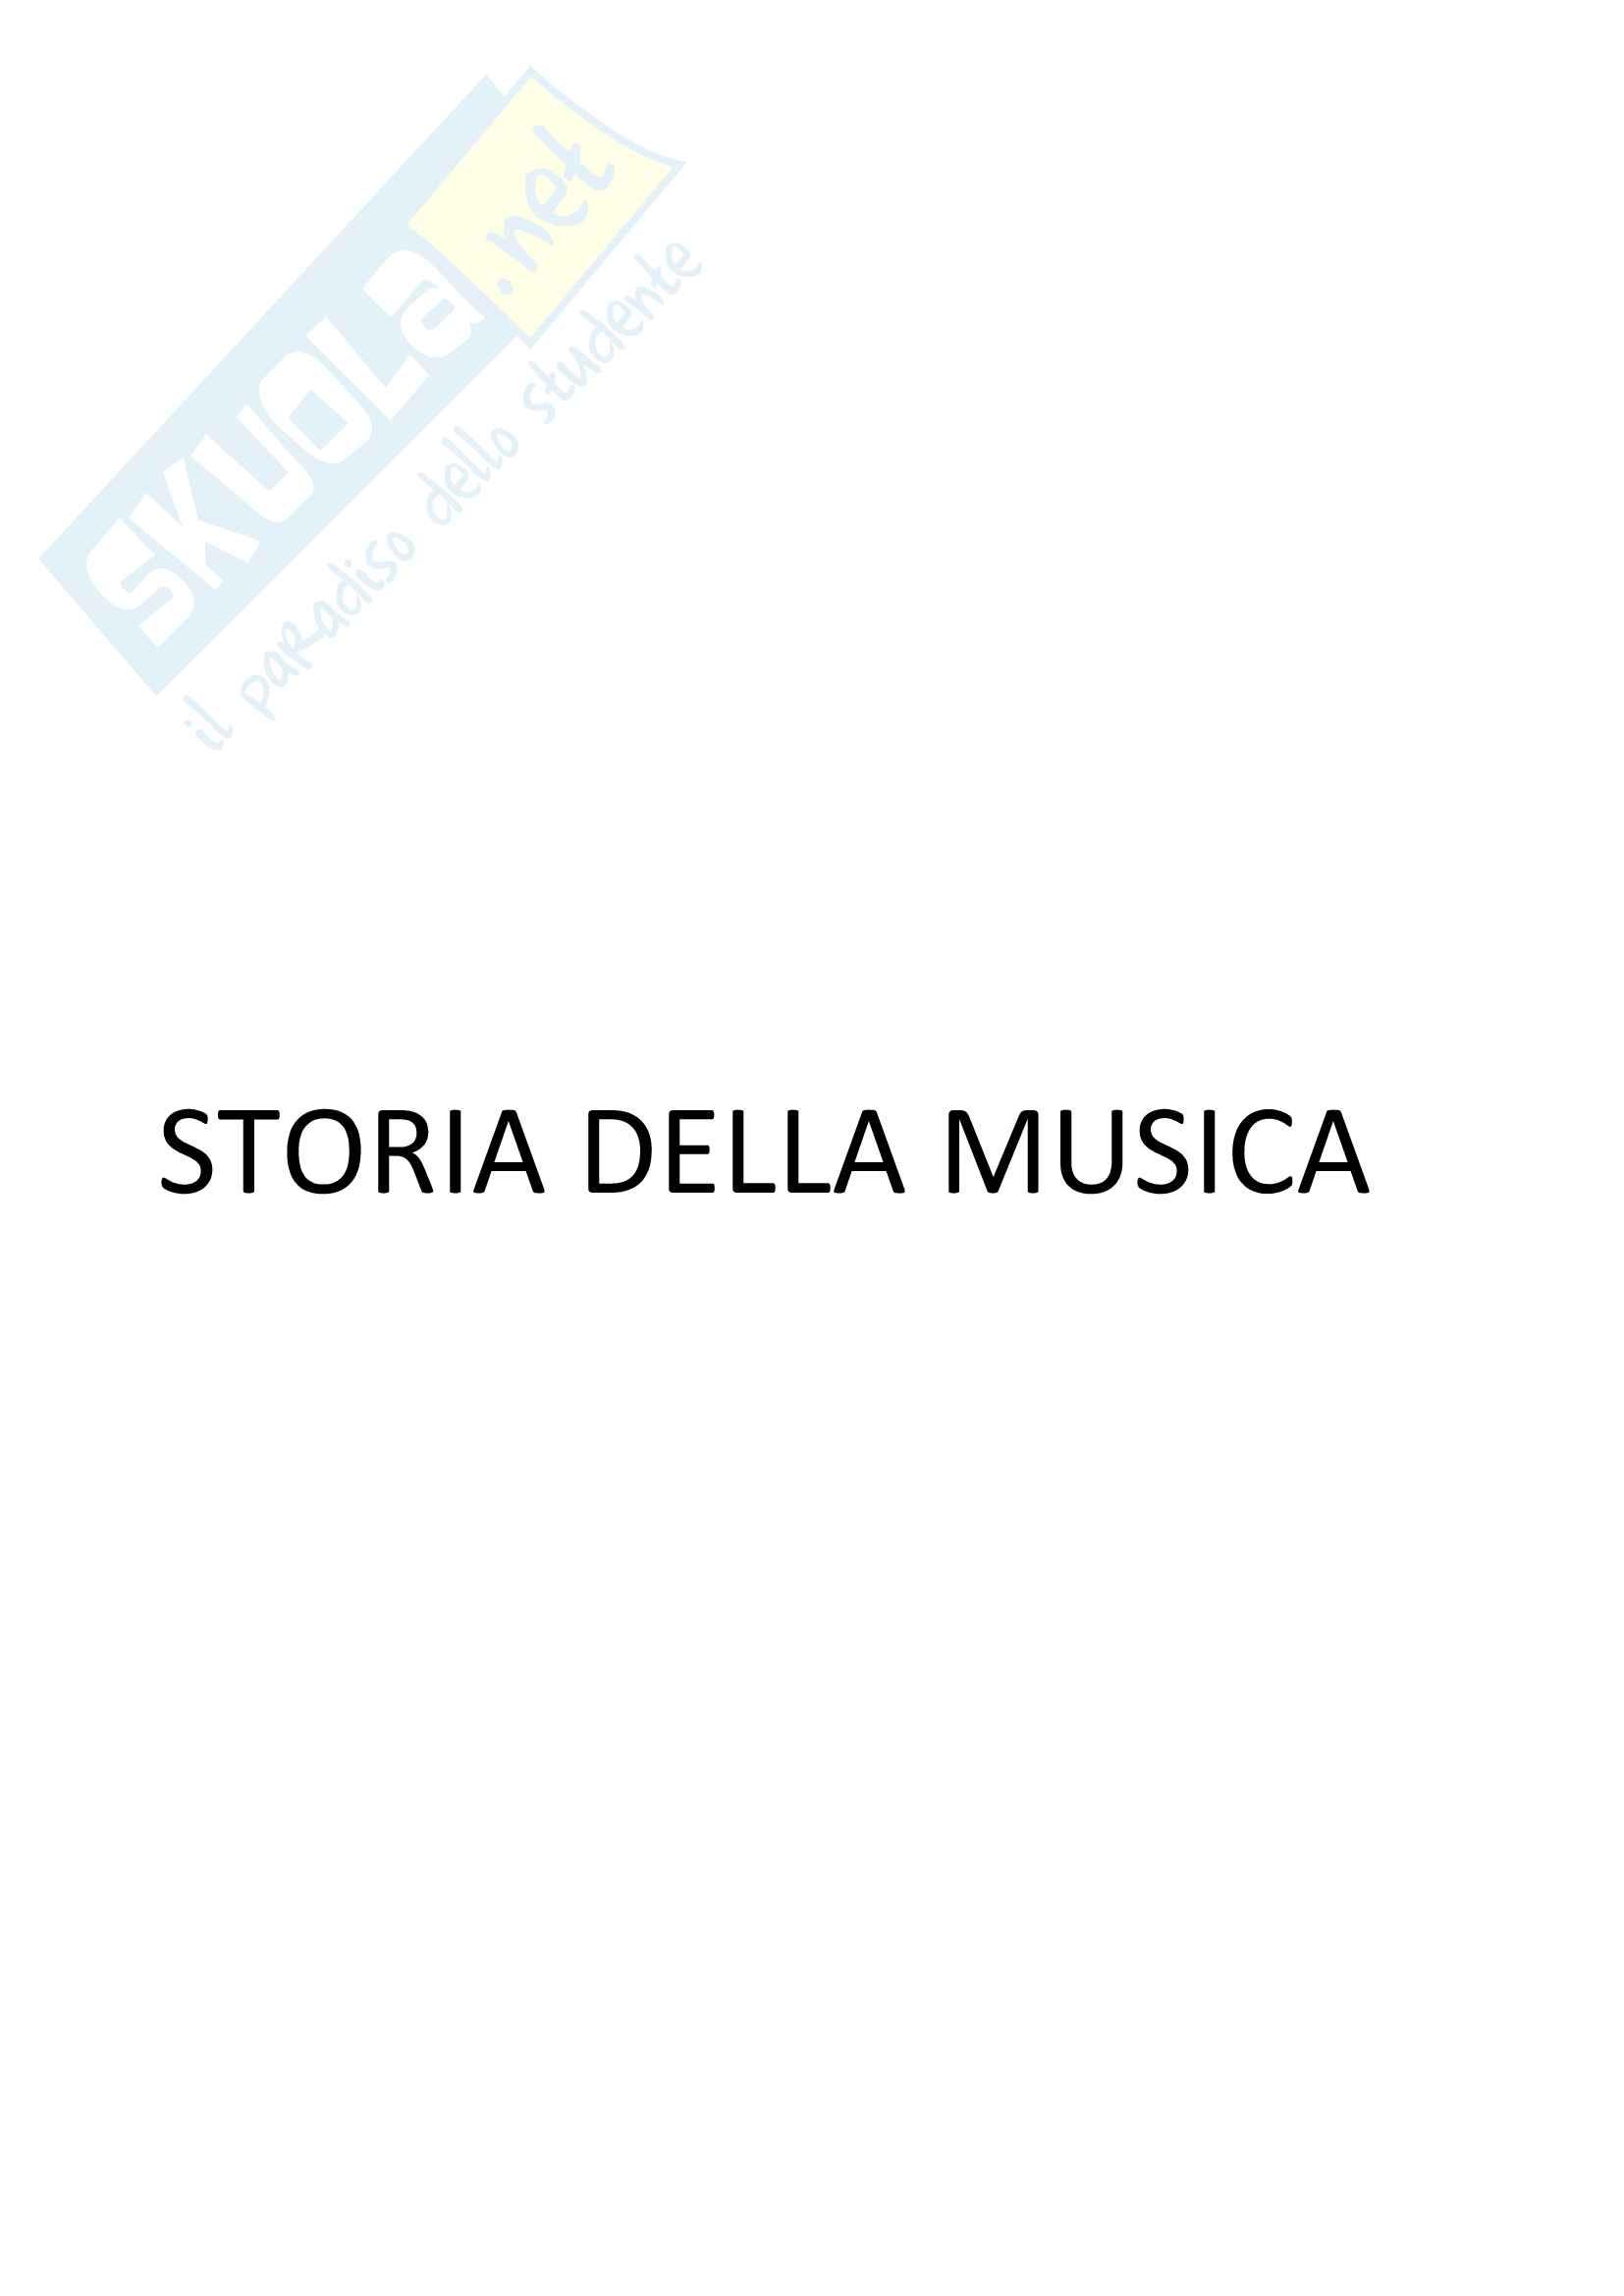 Riassunto esame di Storia della Musica, docente G. Moppi. (libri consigliati in descrizione)